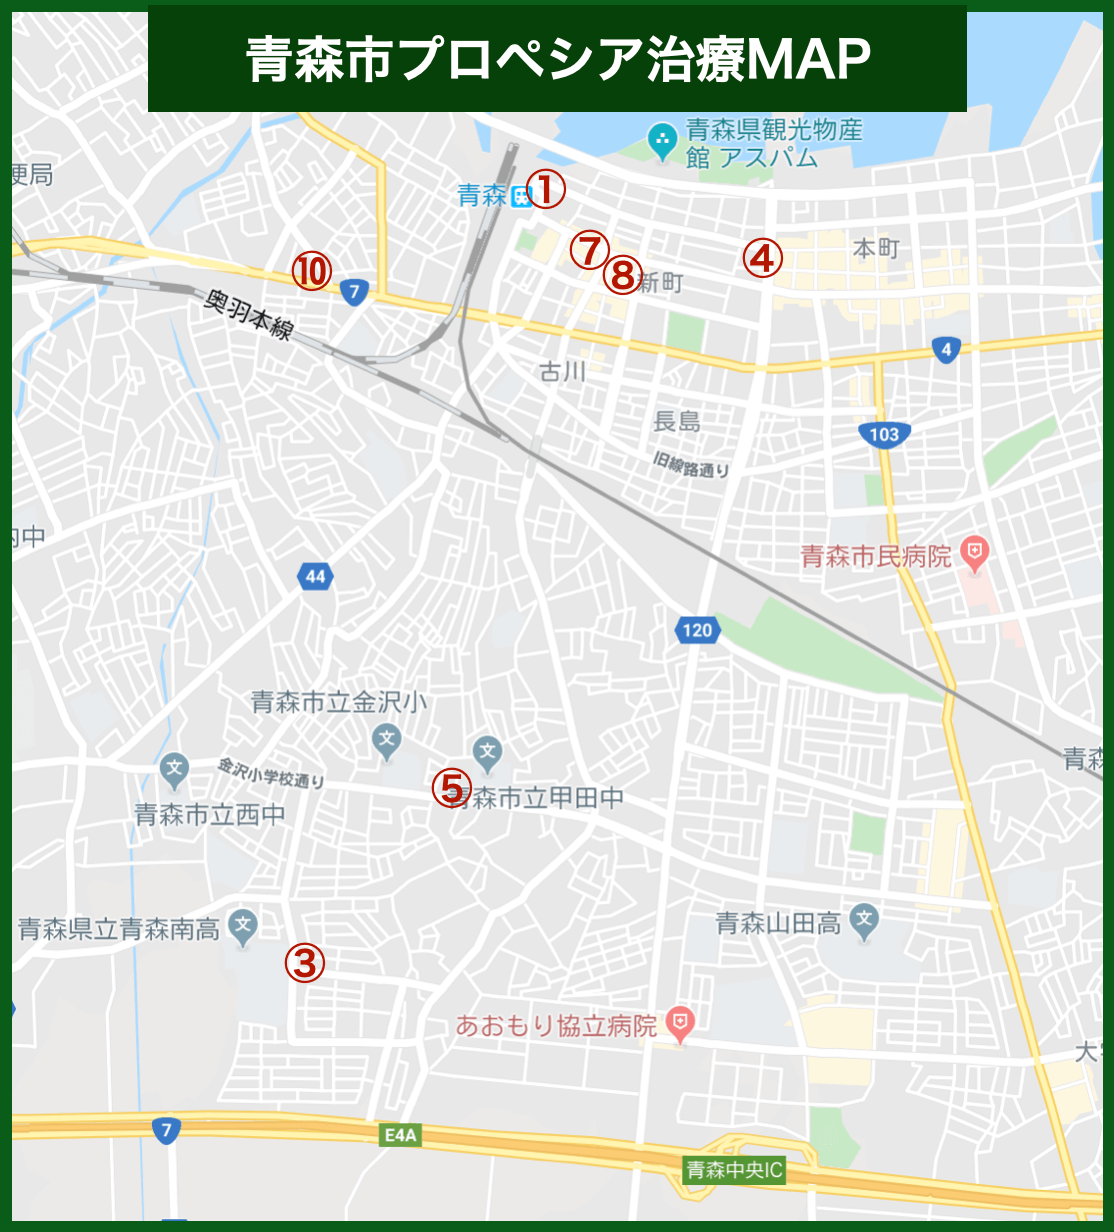 青森プロペシア治療MAP